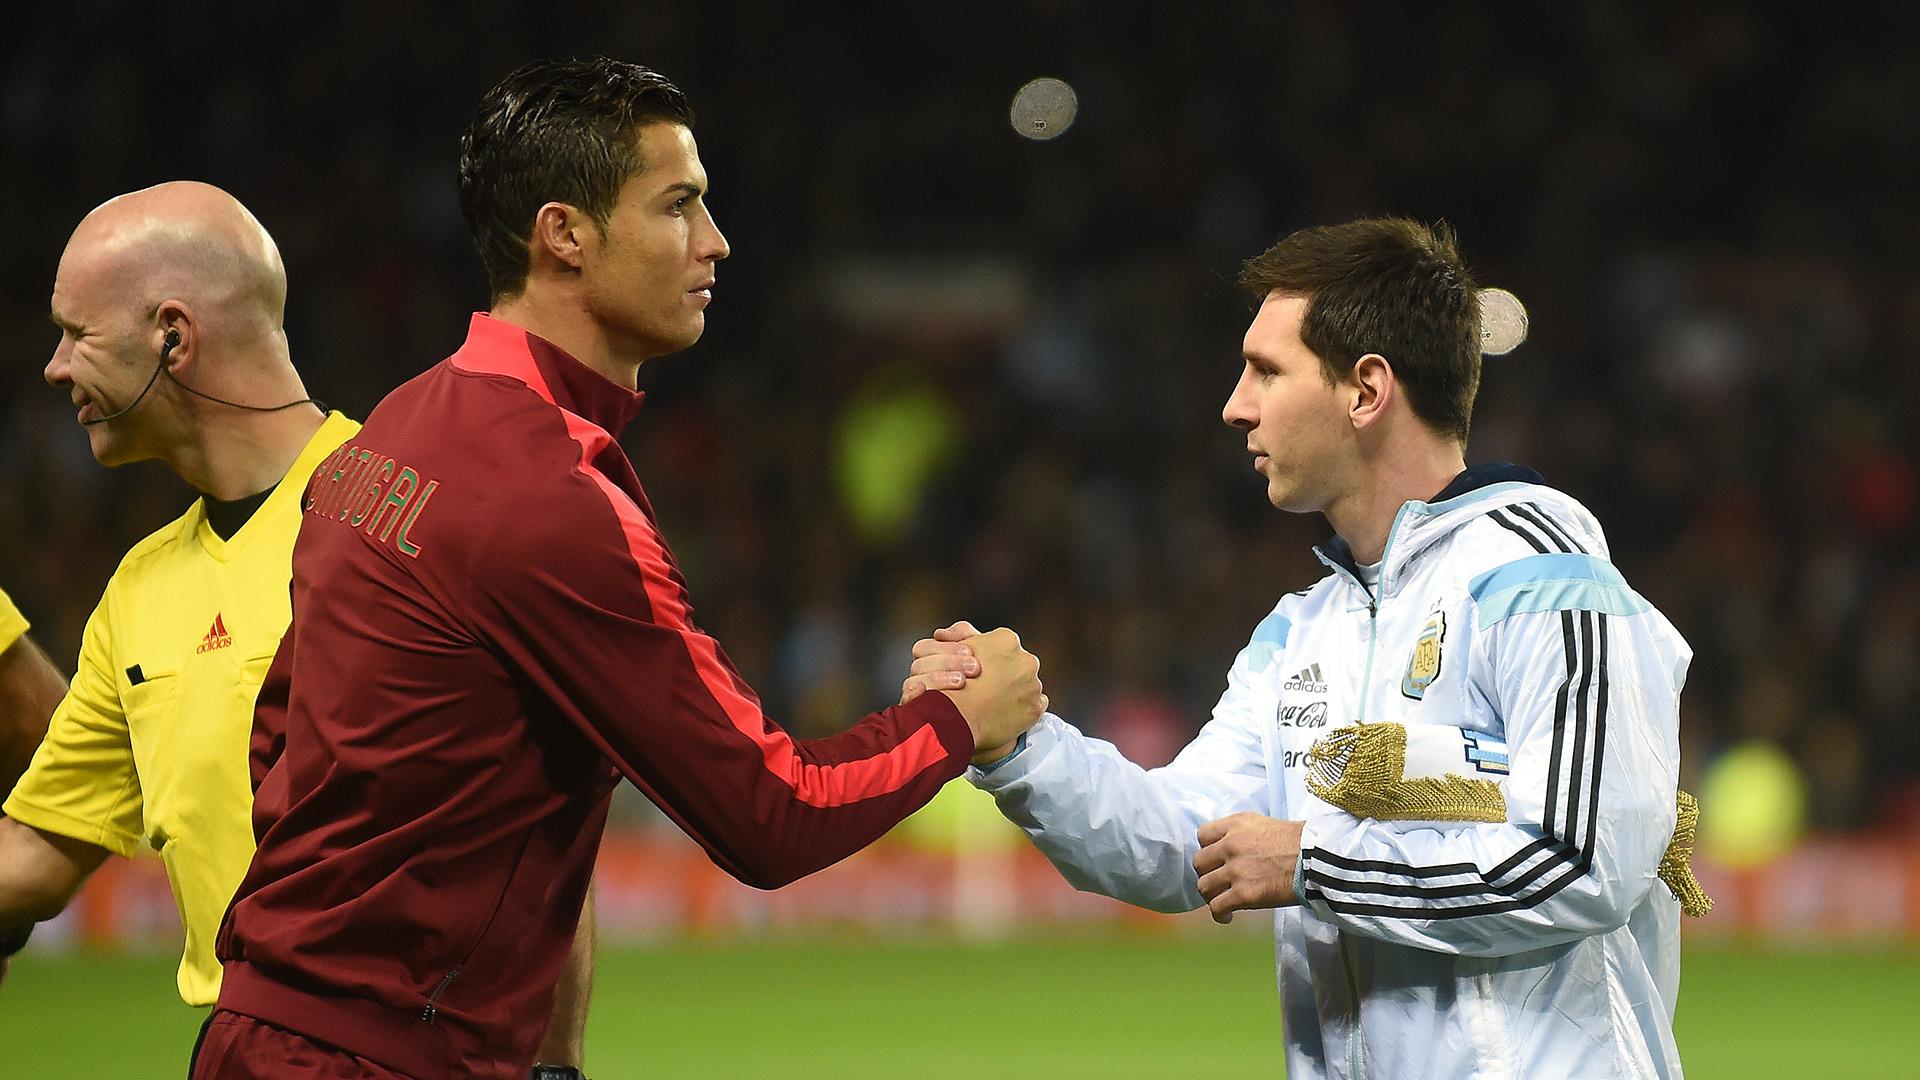 Cristiano Ronaldo vs Lionel Messi at the World Cup: Who ...